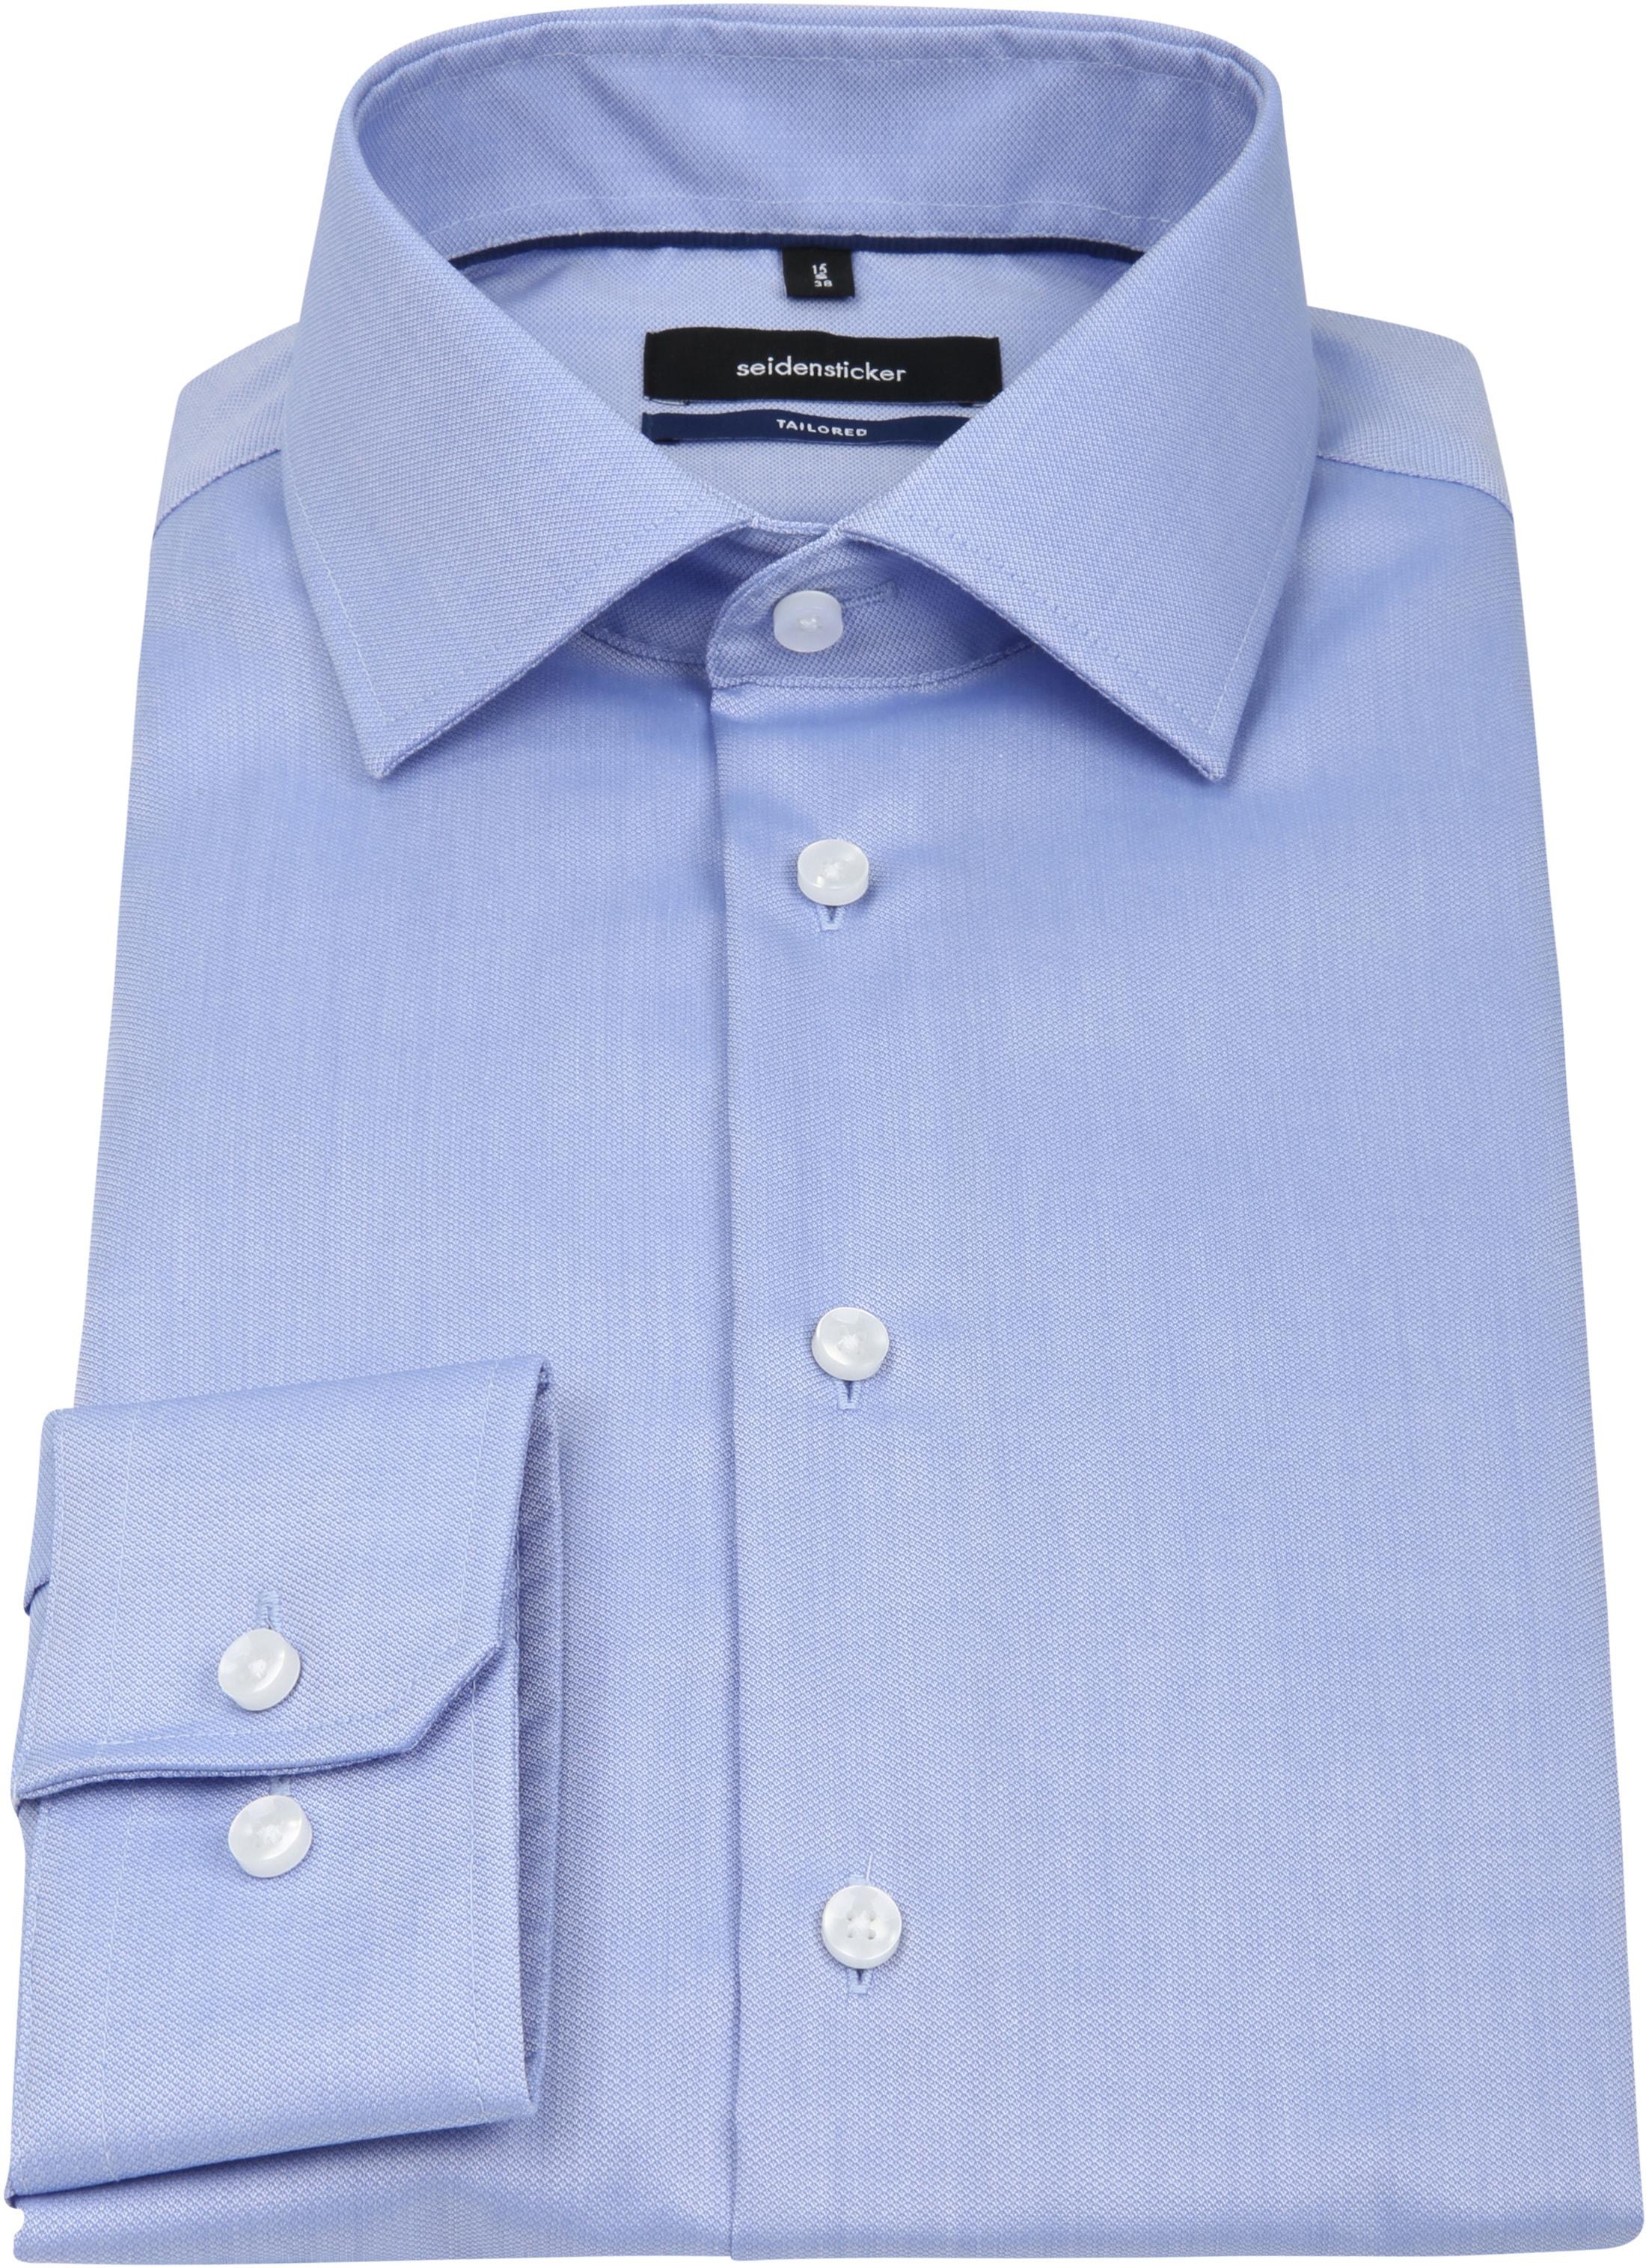 Seidensticker Overhemd TF Dessin Blauw foto 3